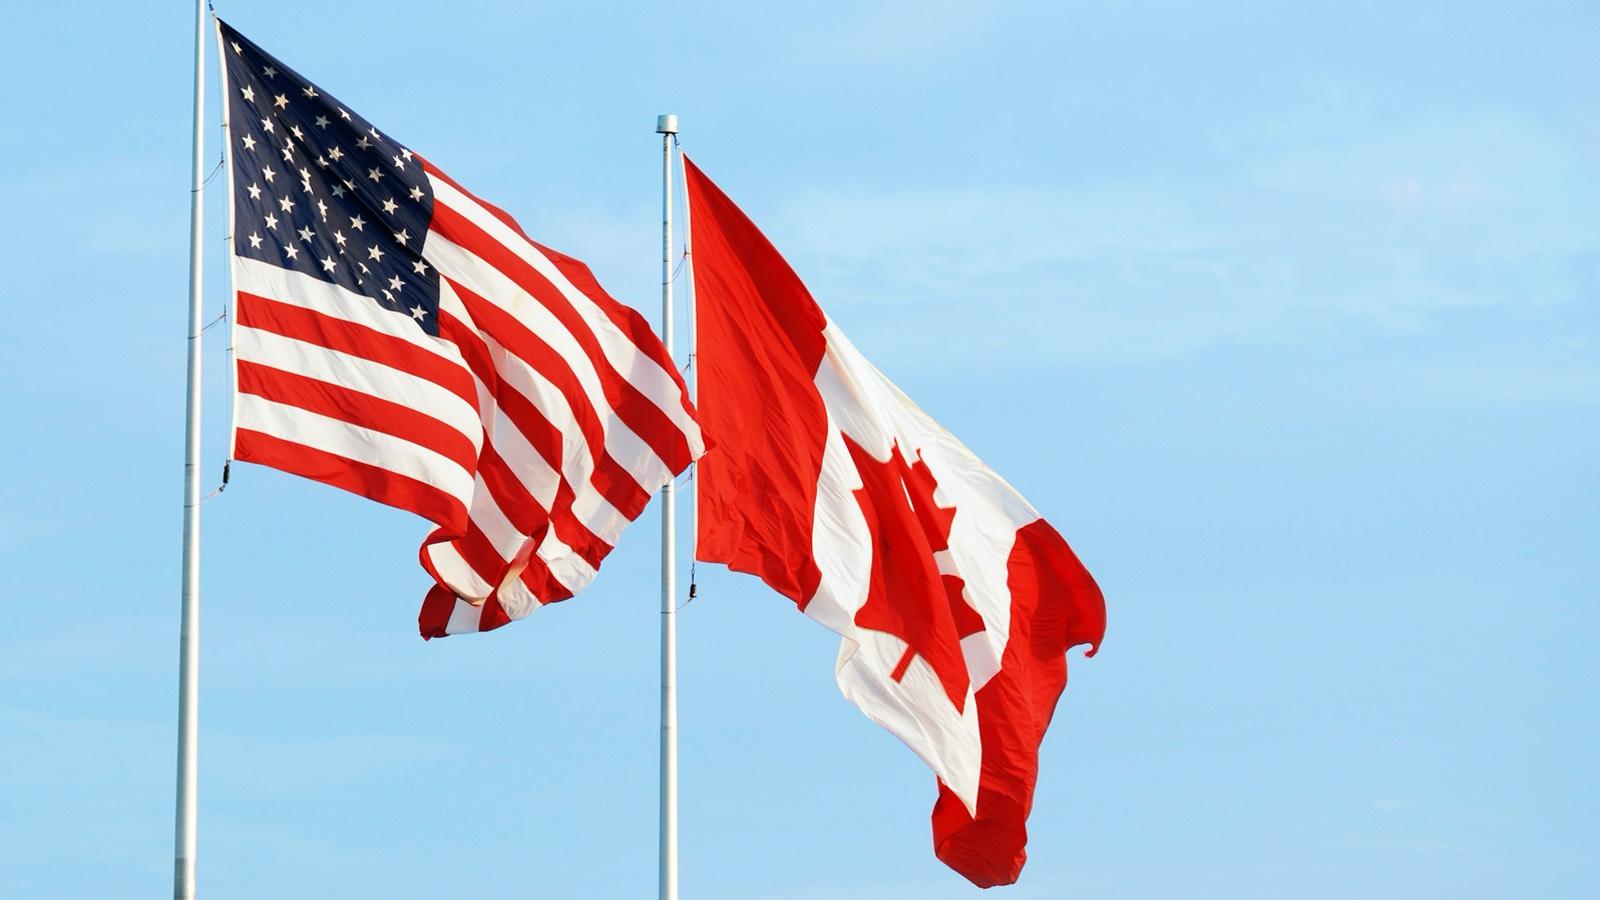 Kinh Tế Mỹ Hồi Phục Thúc Đẩy Tăng Trưởng Kinh Tế Canada